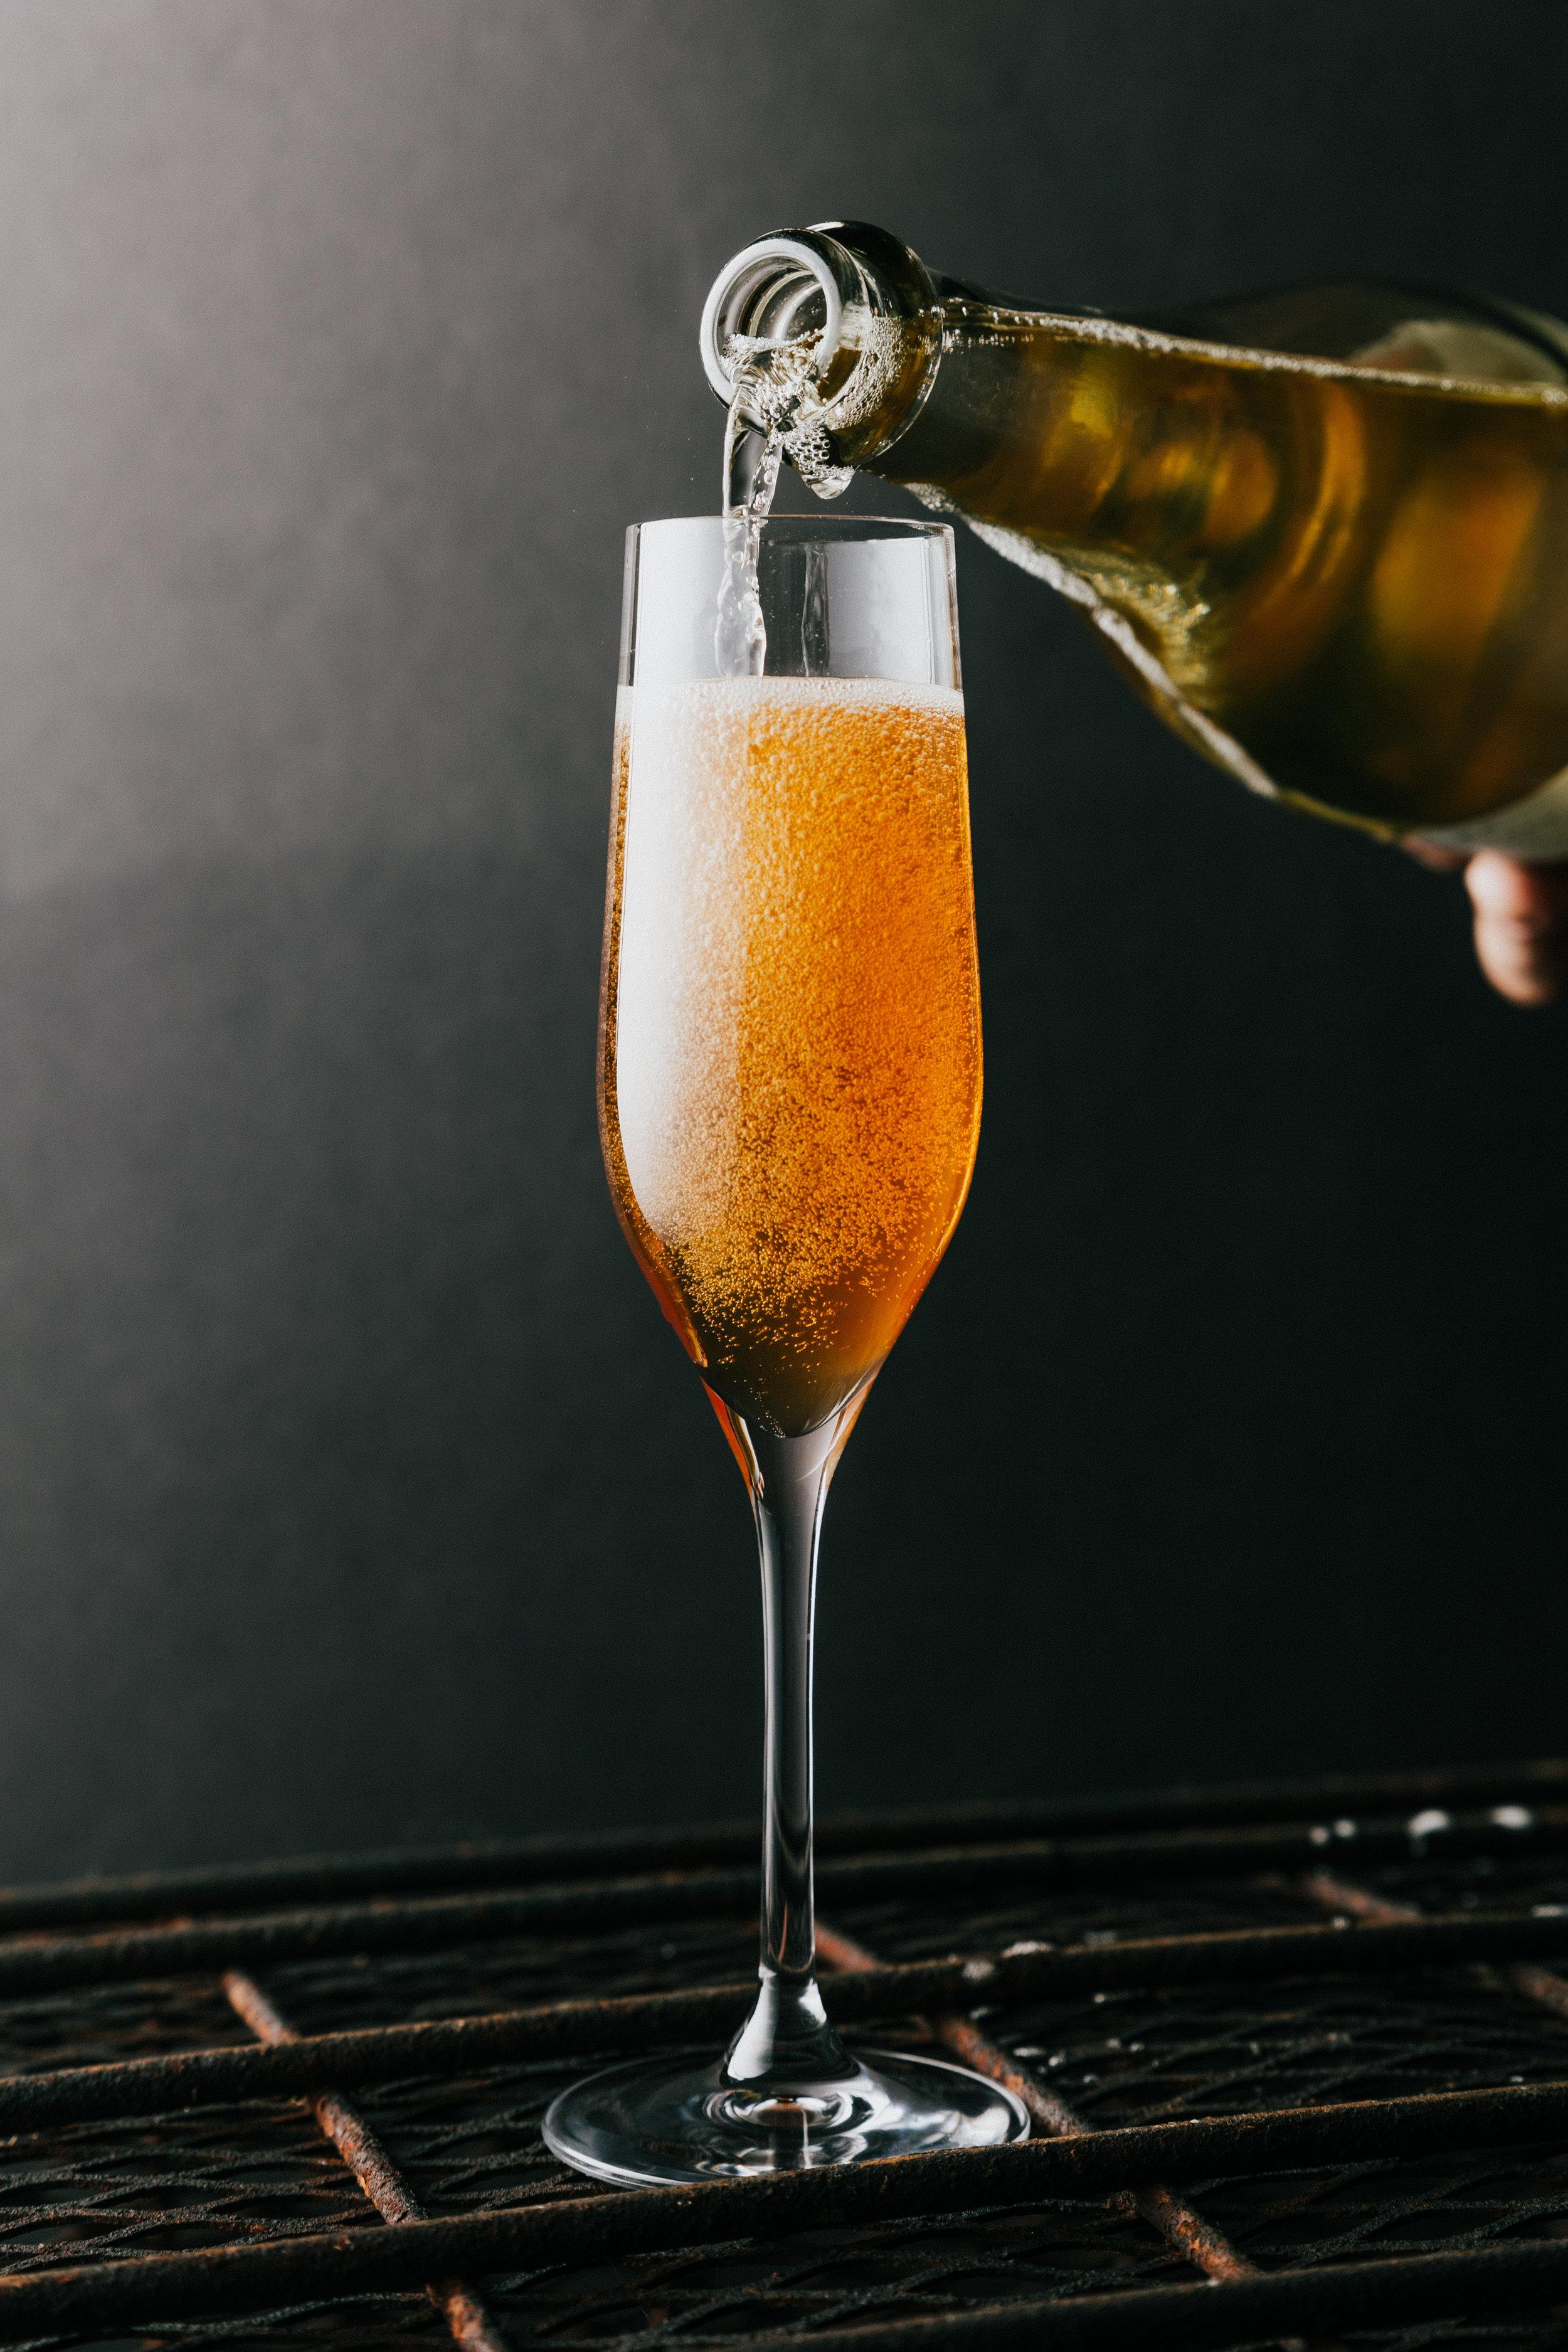 VIGO & Sparkling    Combine 1 oz. of VIGO Amaro and chilled dry Prosecco in a flute glass.